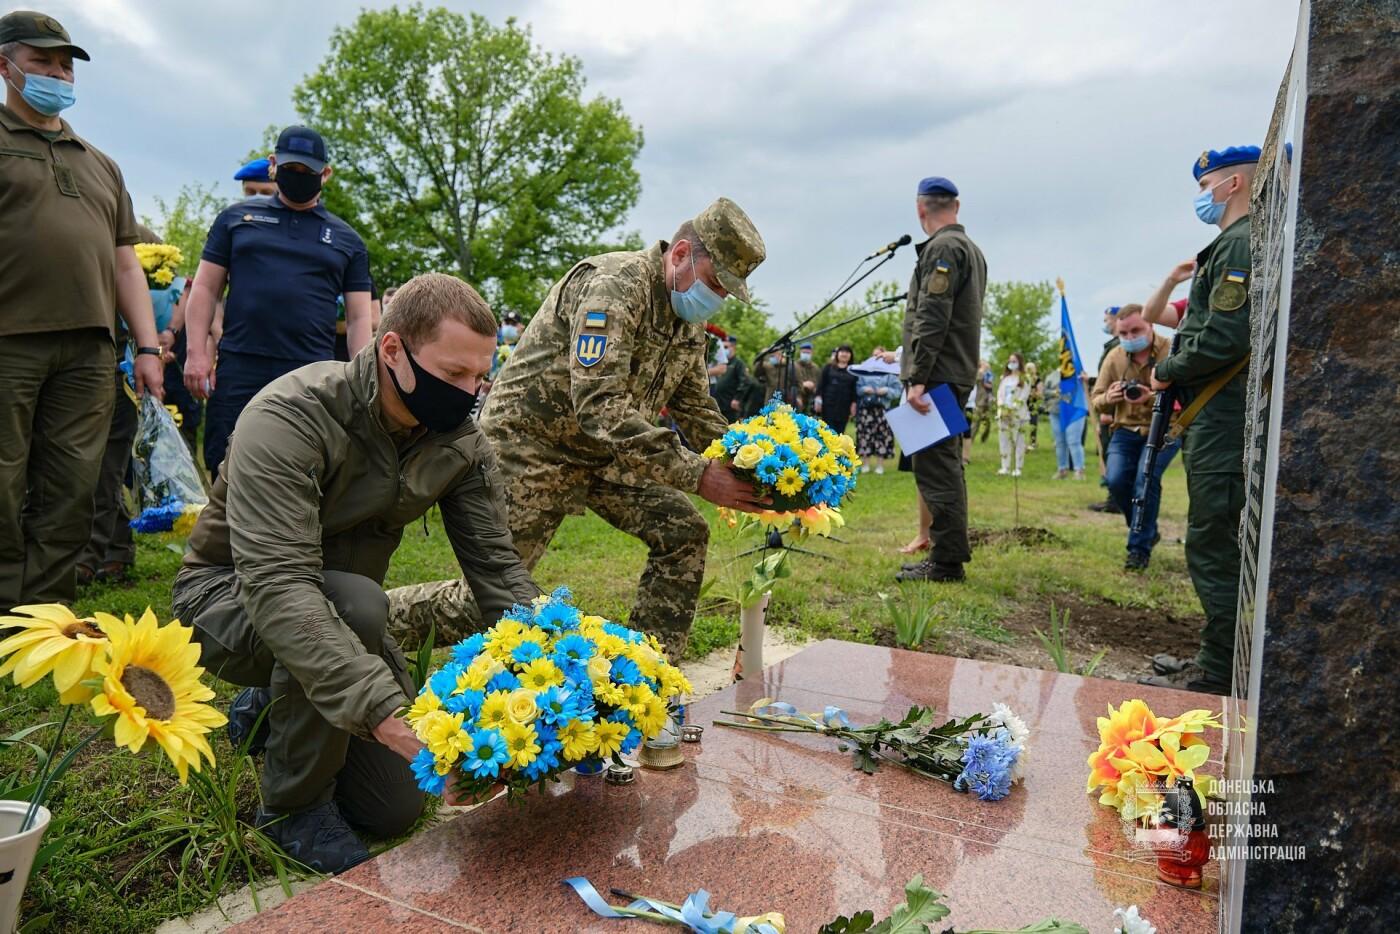 В Донецкой области почтили память 12 погибших украинских воинов во главе с генералом Кульчицким, - ФОТО, фото-6